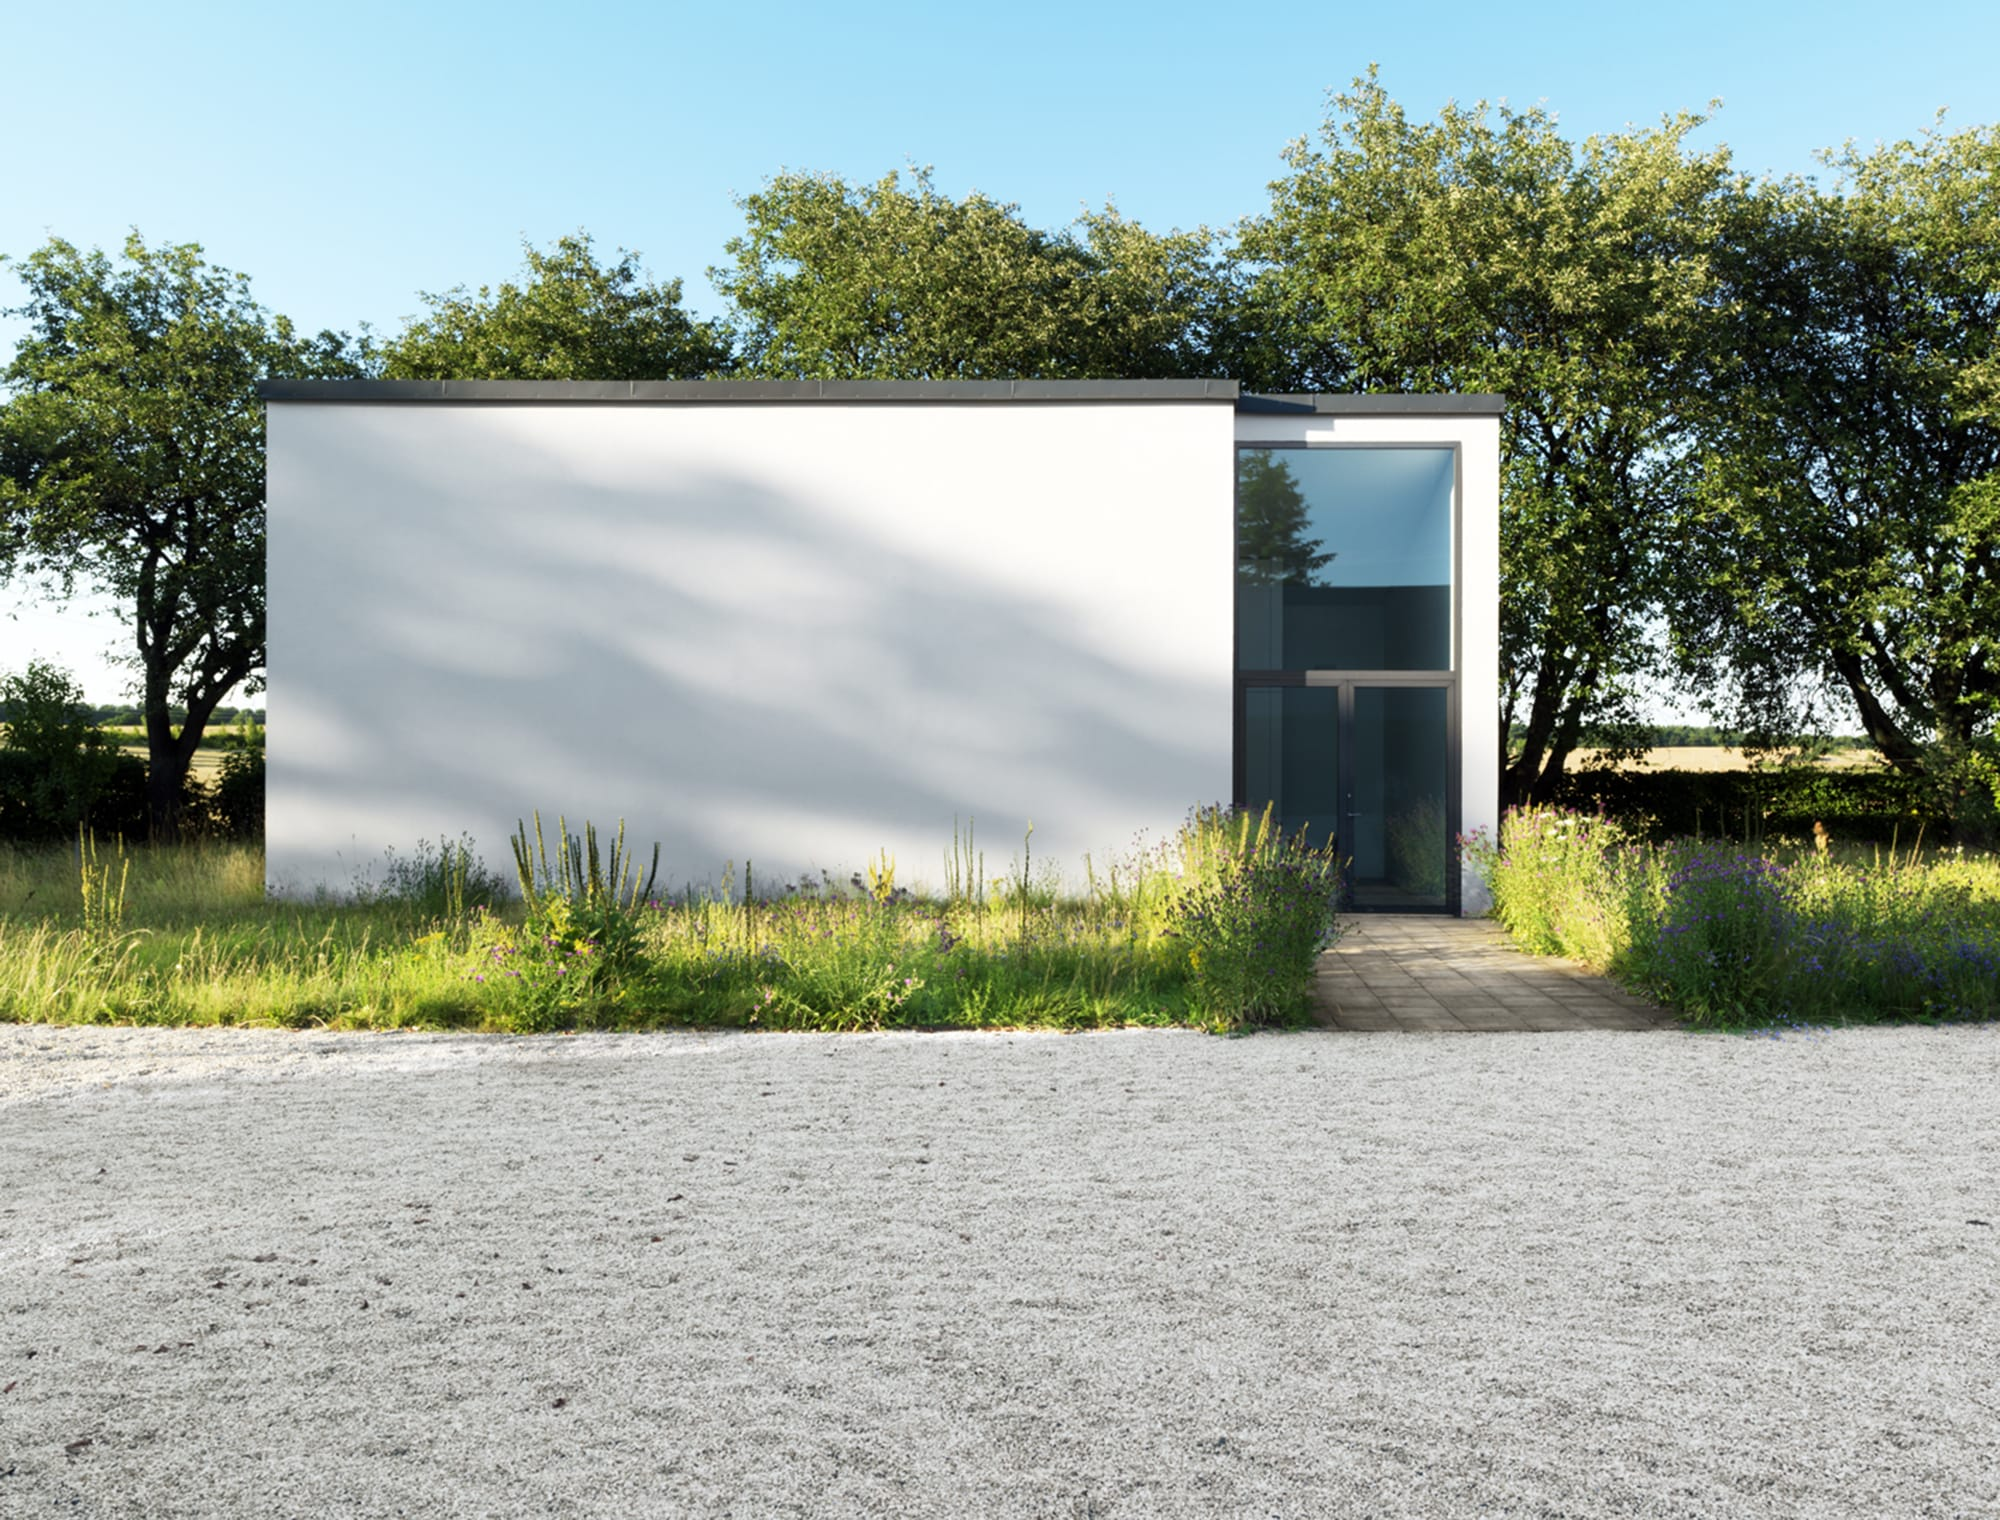 クラーソン・コイヴィスト・ルーネが手がけた南スウェーデンの工房。